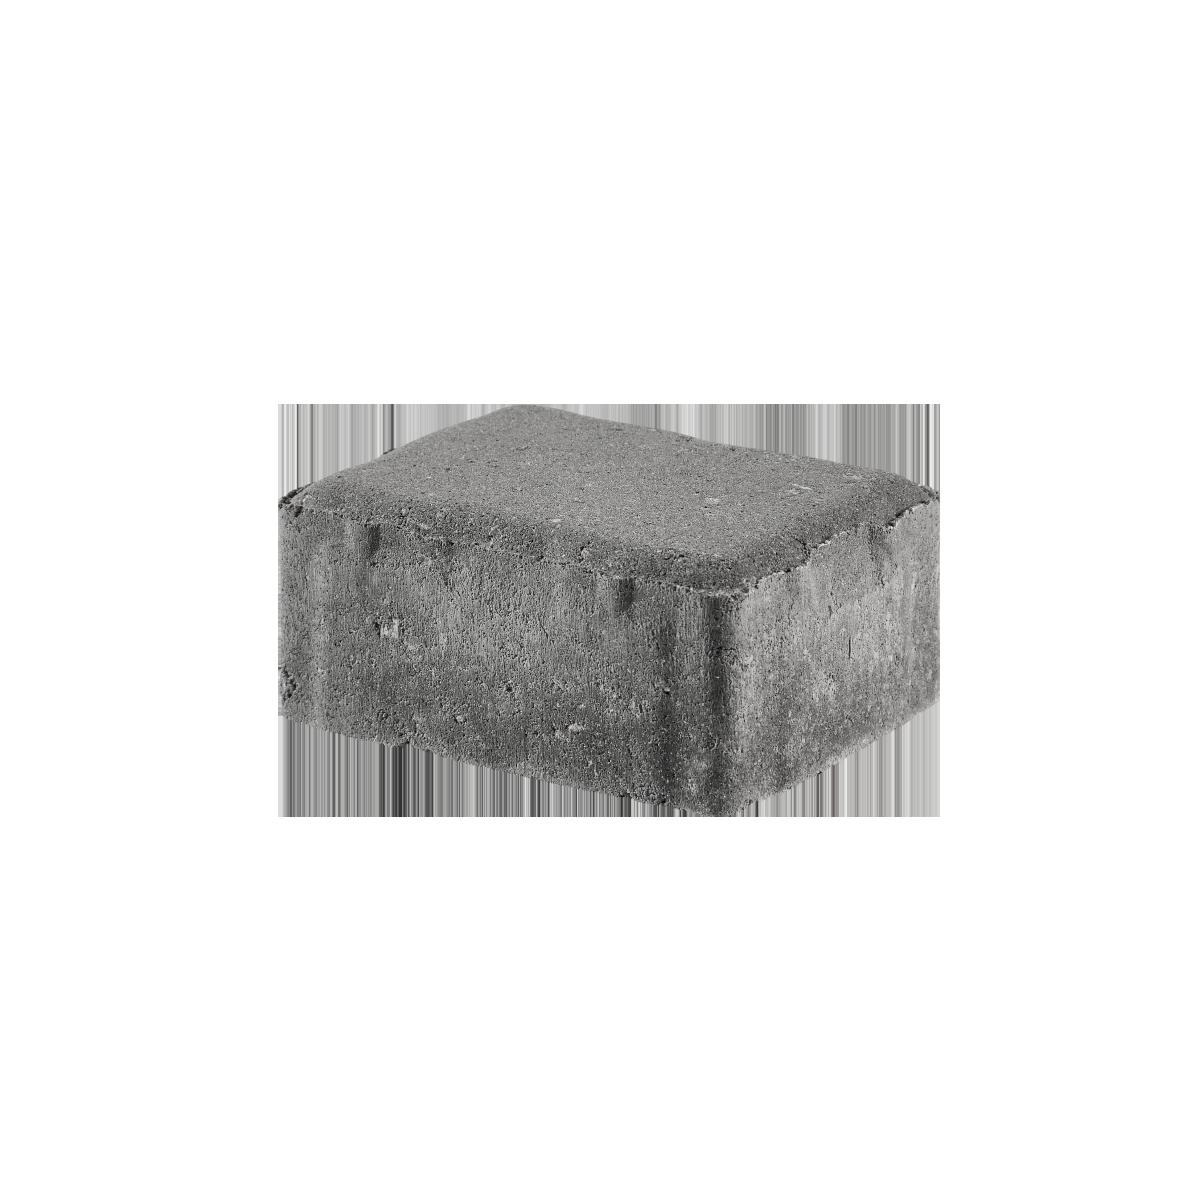 Nybrosten 14,5x10,8x6 cm Grå Halve